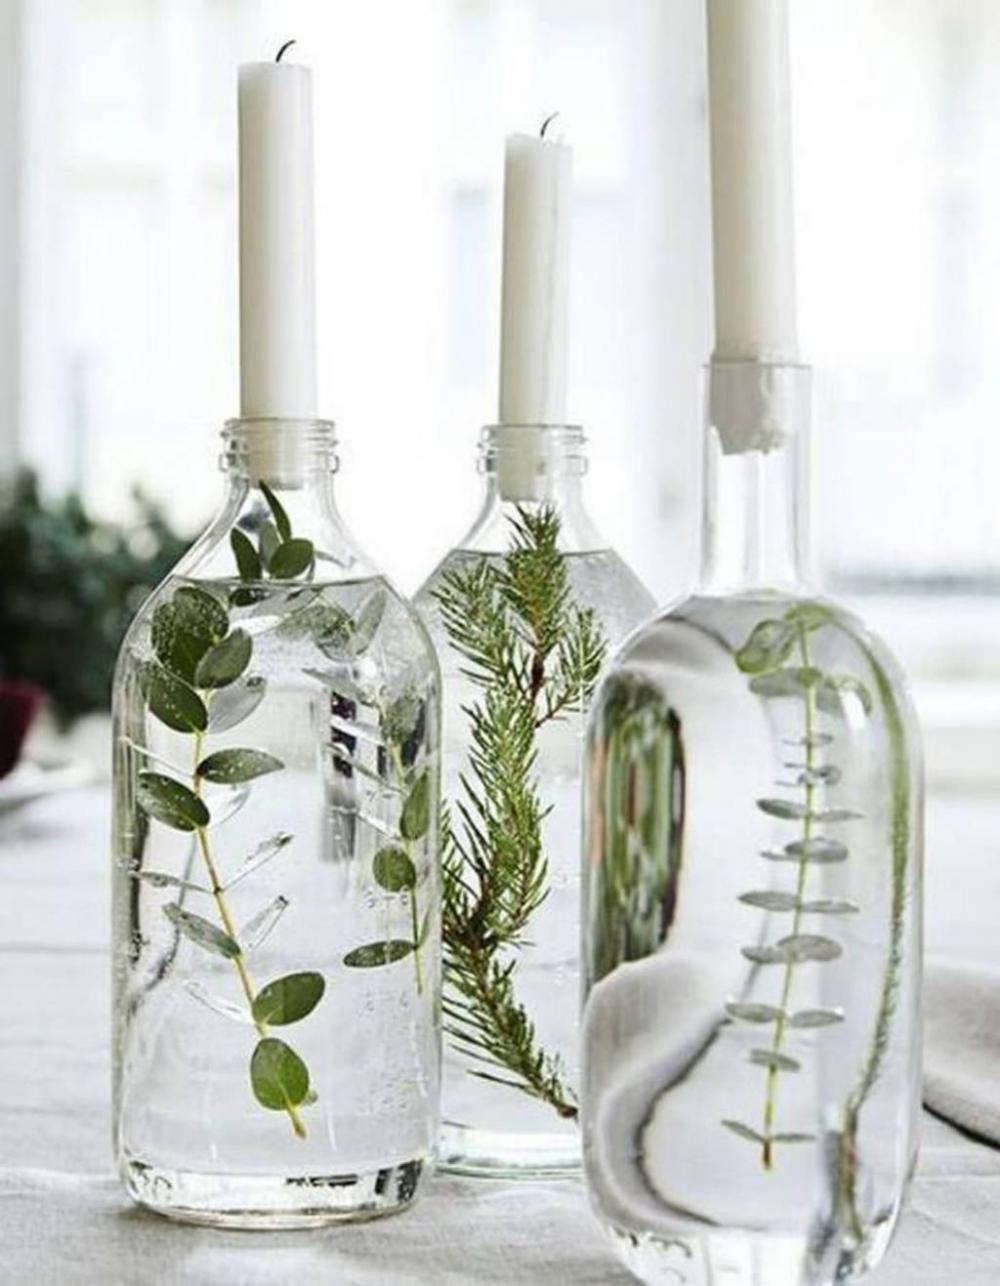 Diy Maak Je Eigen Groene Kandelaar Van Een Wijnfles Eigen Huis En Tuin Decoratie Makkelijke Huis Decoratie Tafelstuk Bruiloft